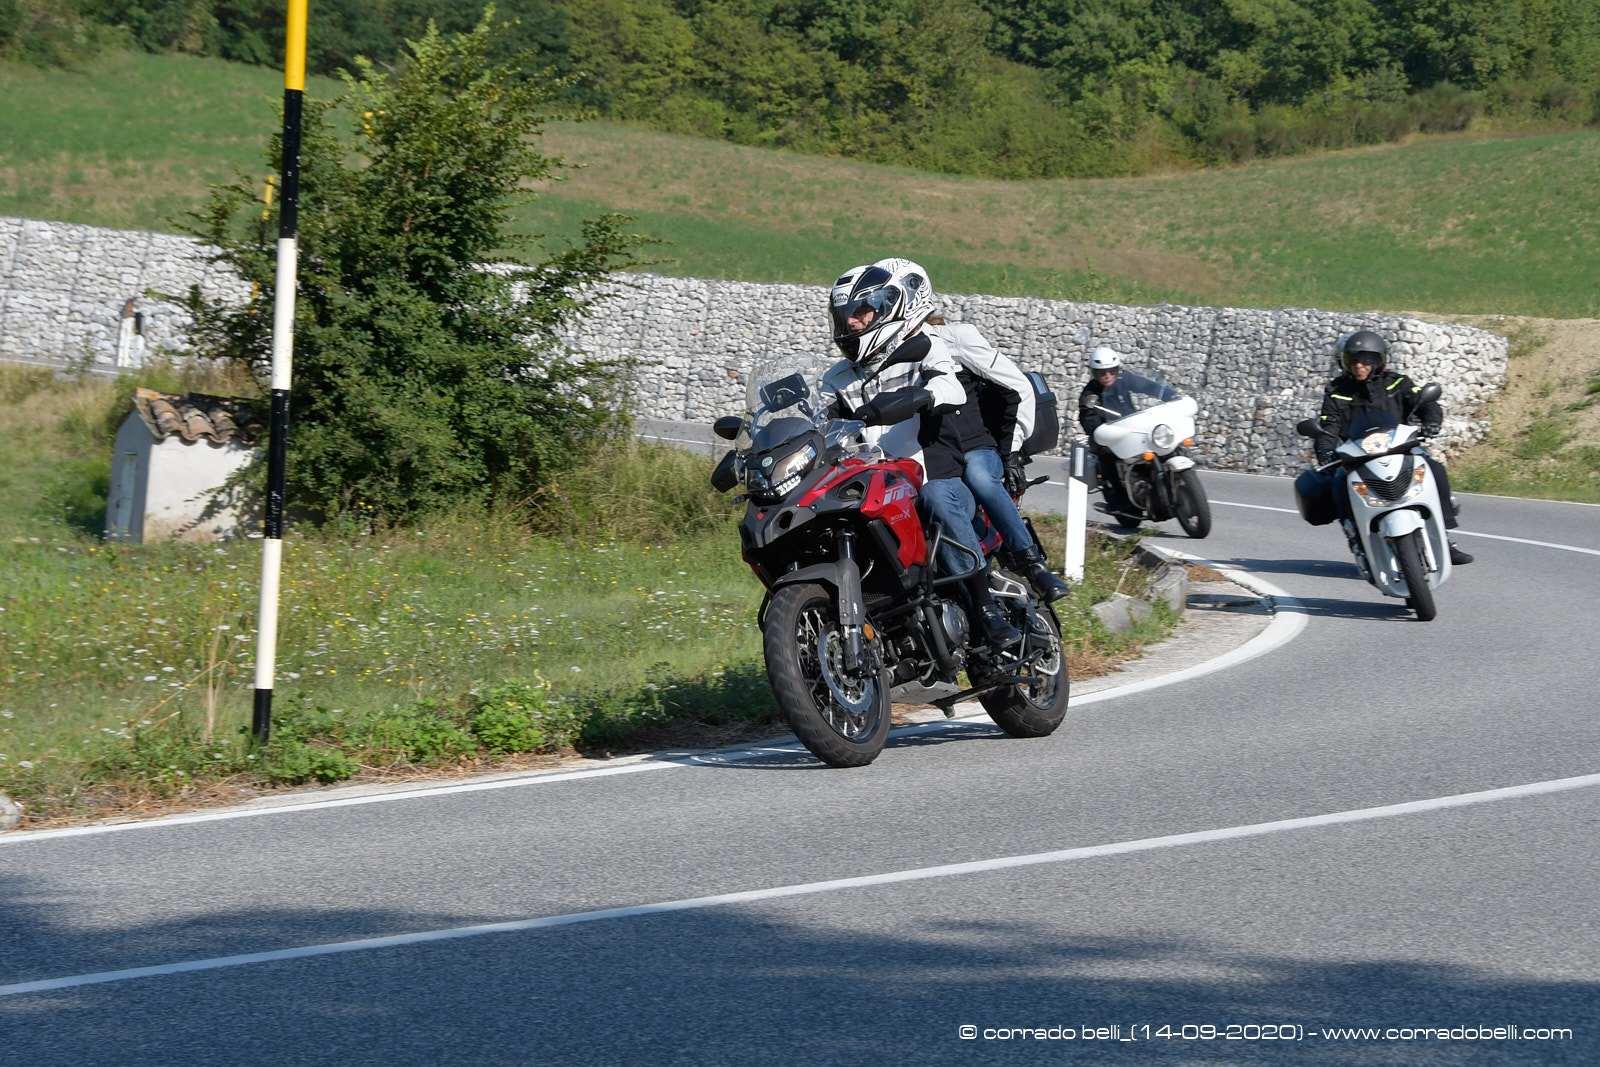 0134_-Benelli-Week-14-09-20